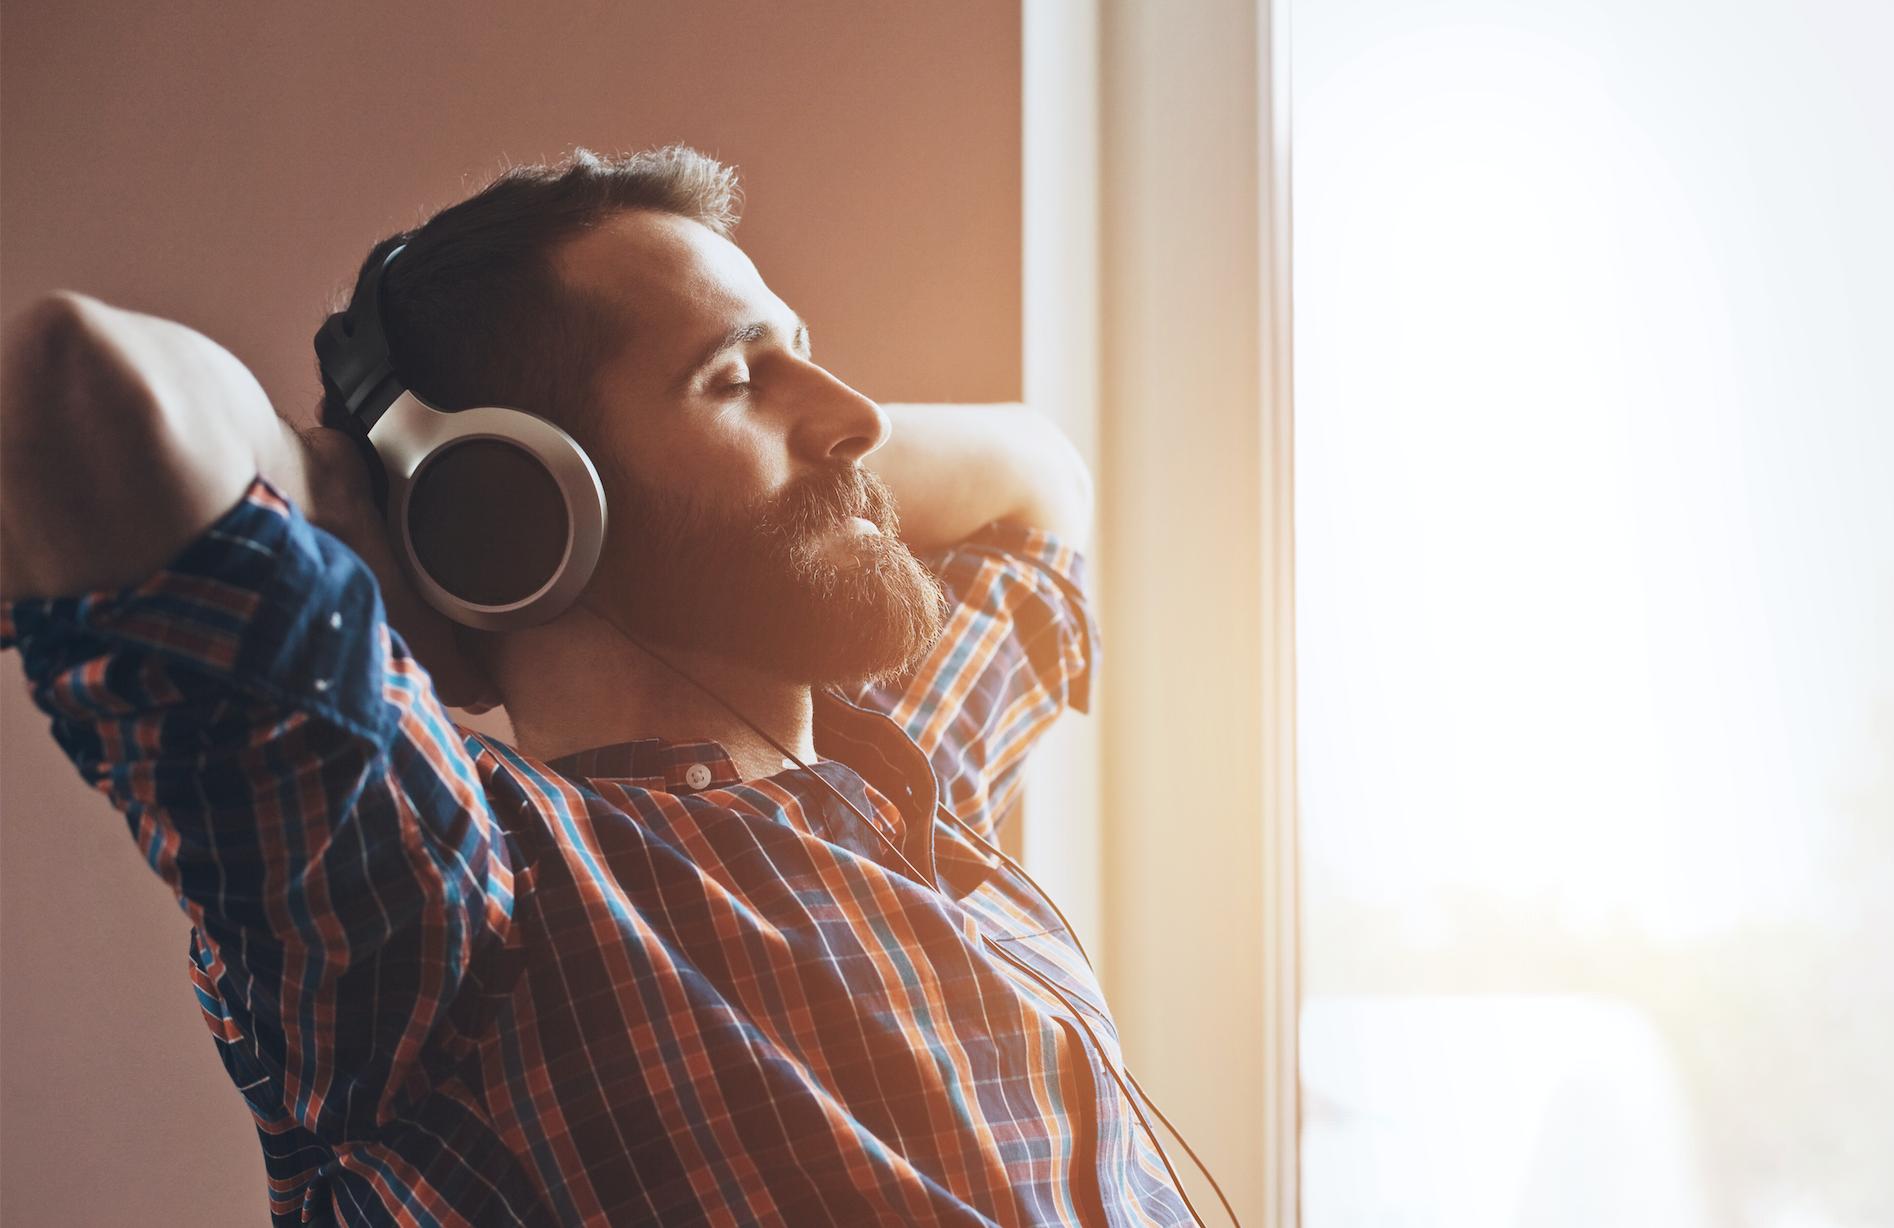 الاستماع للموسيقى